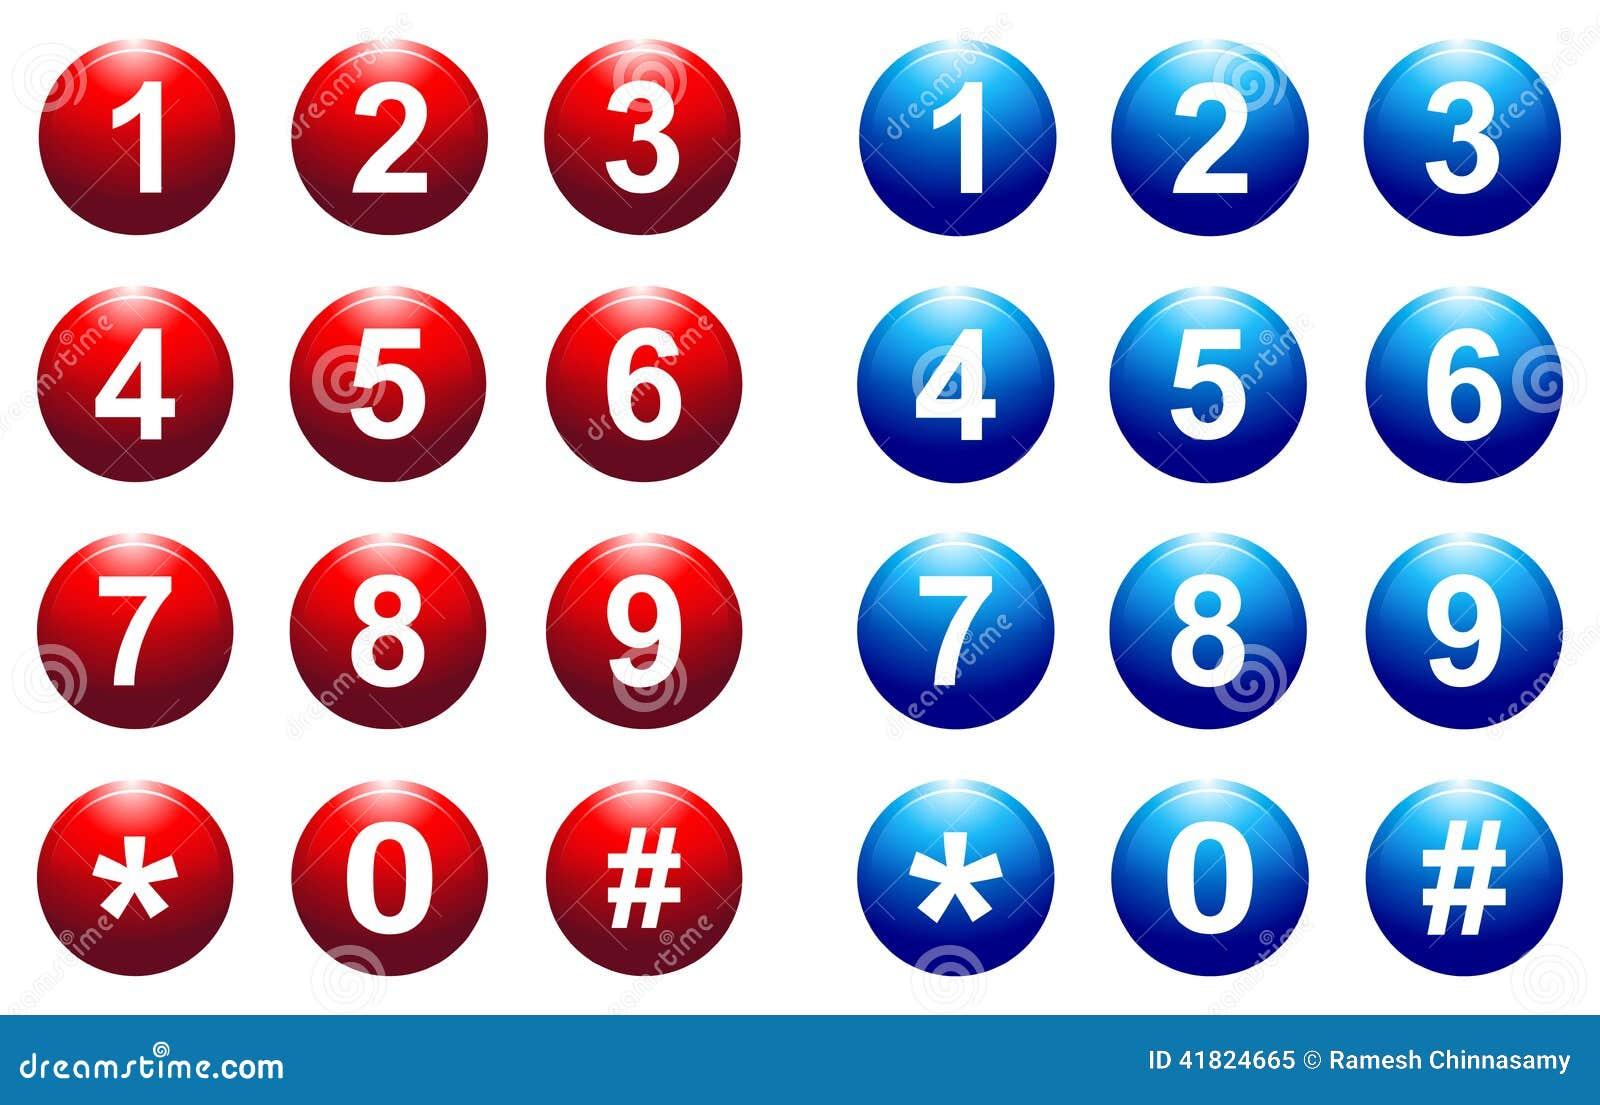 Кнопка номера